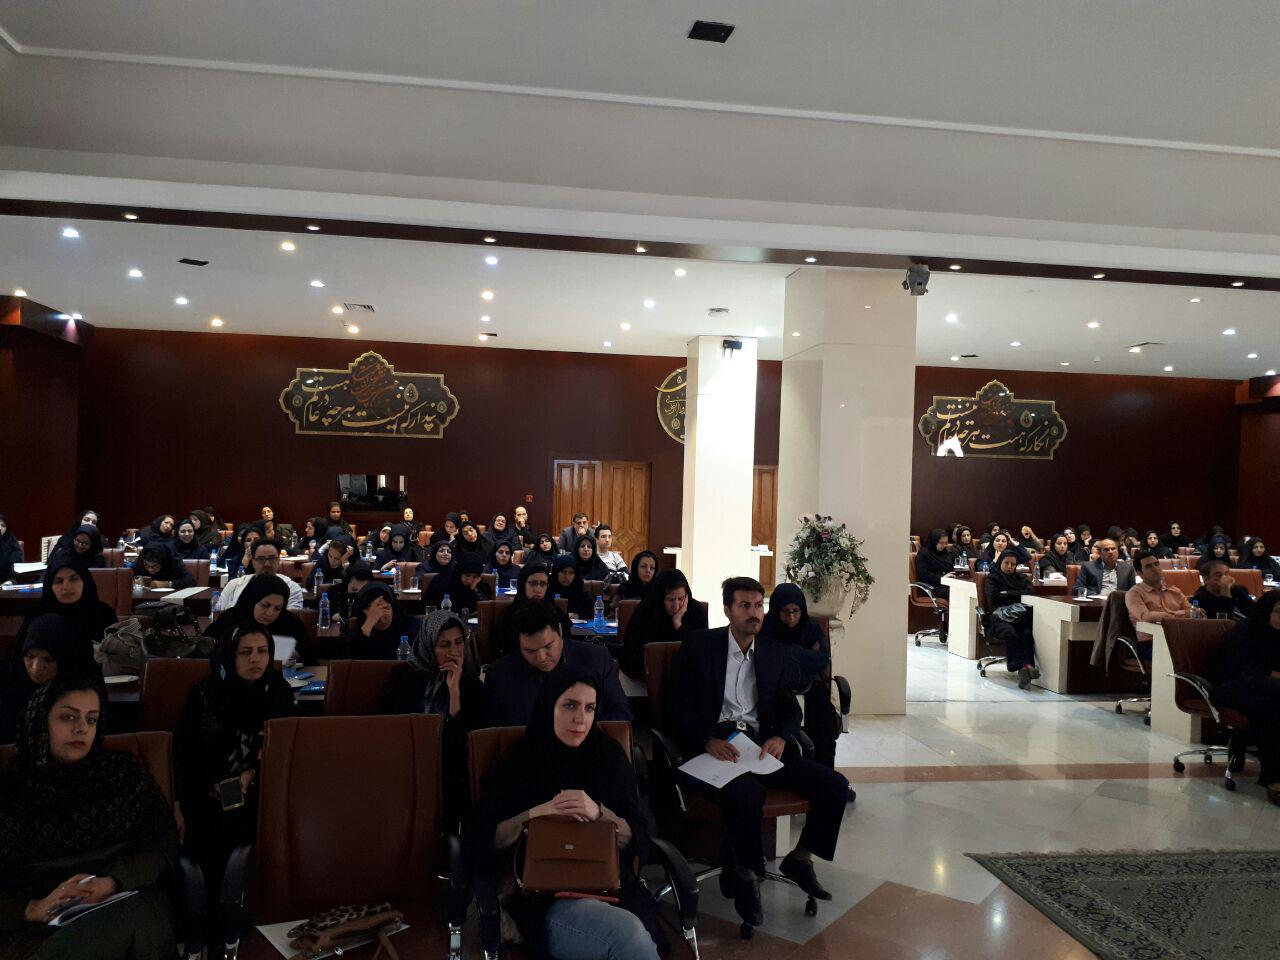 برگزاری سمینار آموزش پرستاری دستگاه های دیالیز  4008s Classic فرزنیوس در مشهد 11